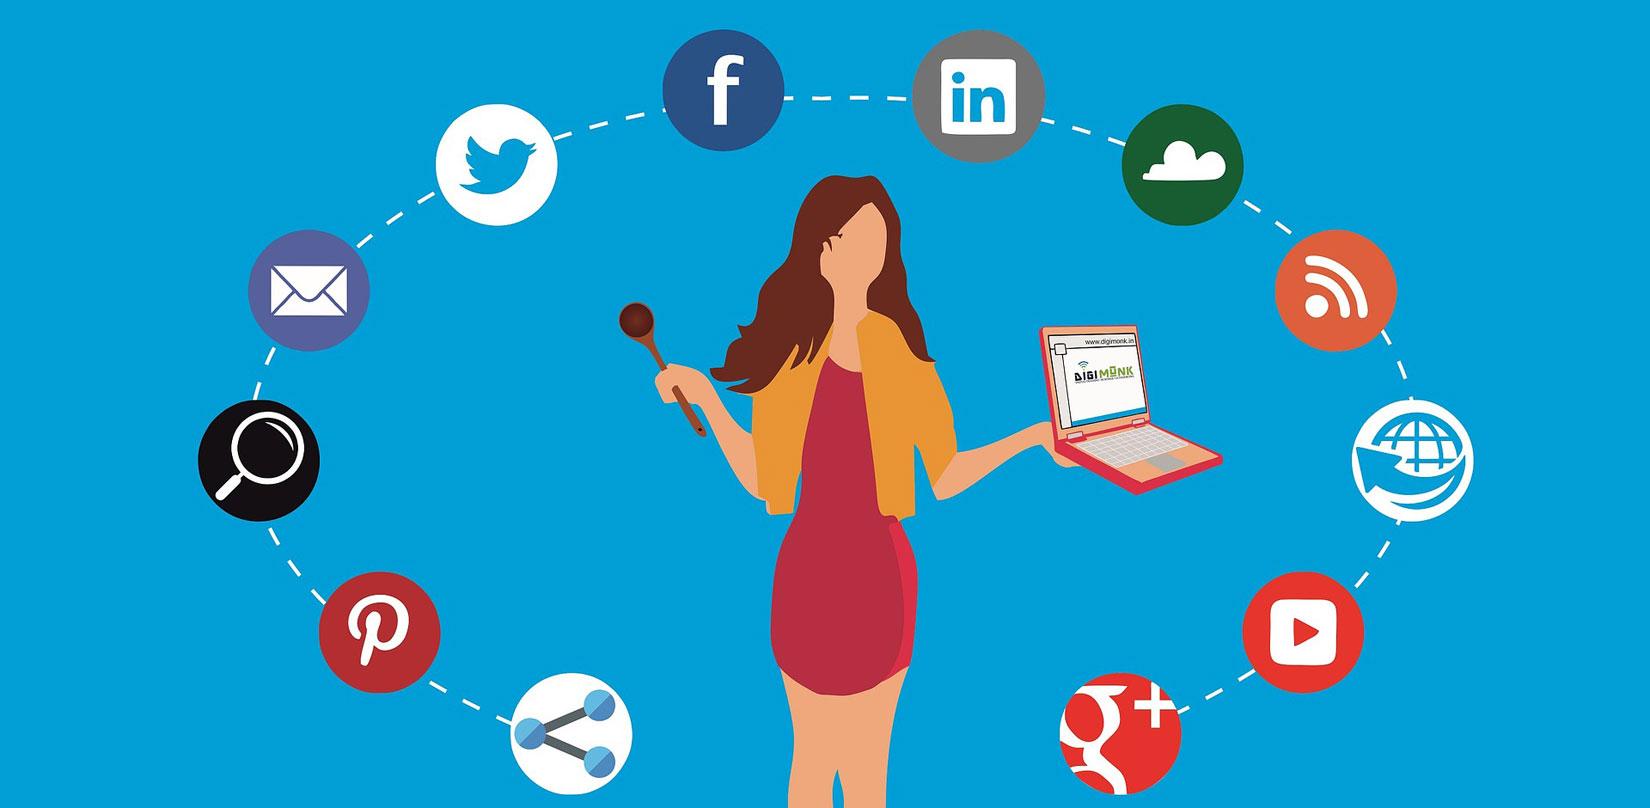 digital marketing building blocks